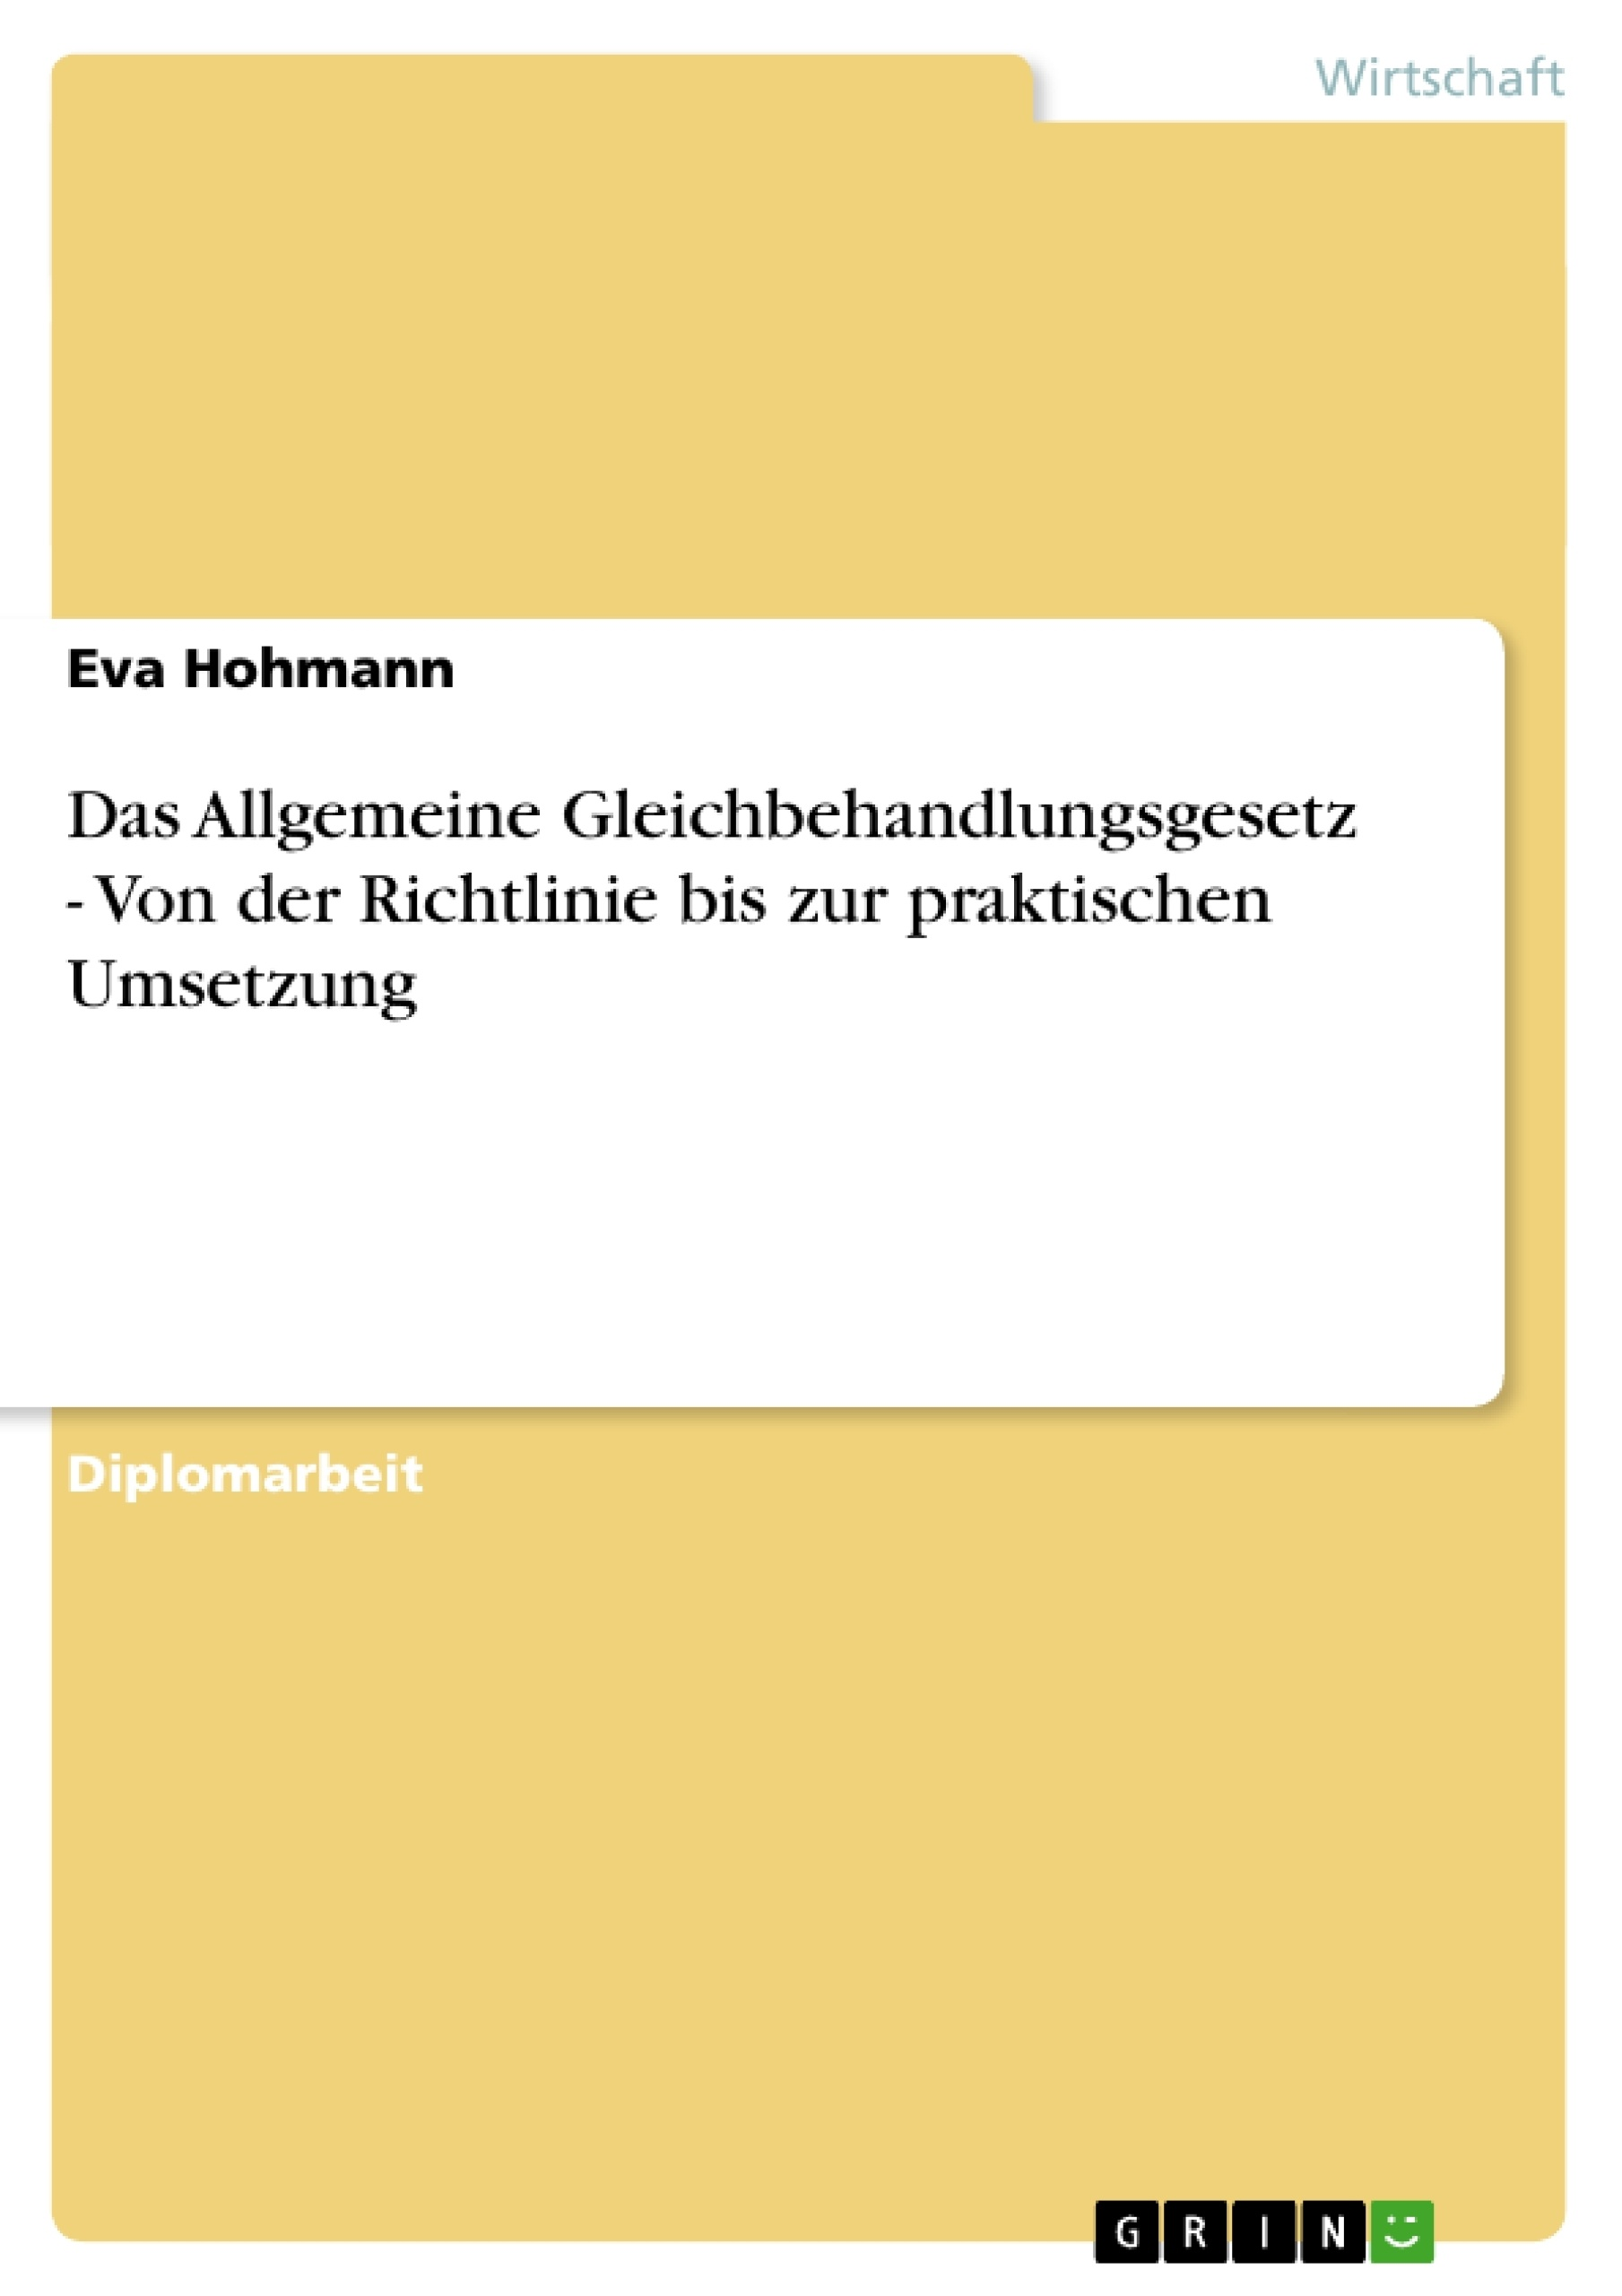 Titel: Das Allgemeine Gleichbehandlungsgesetz - Von der Richtlinie bis zur praktischen Umsetzung